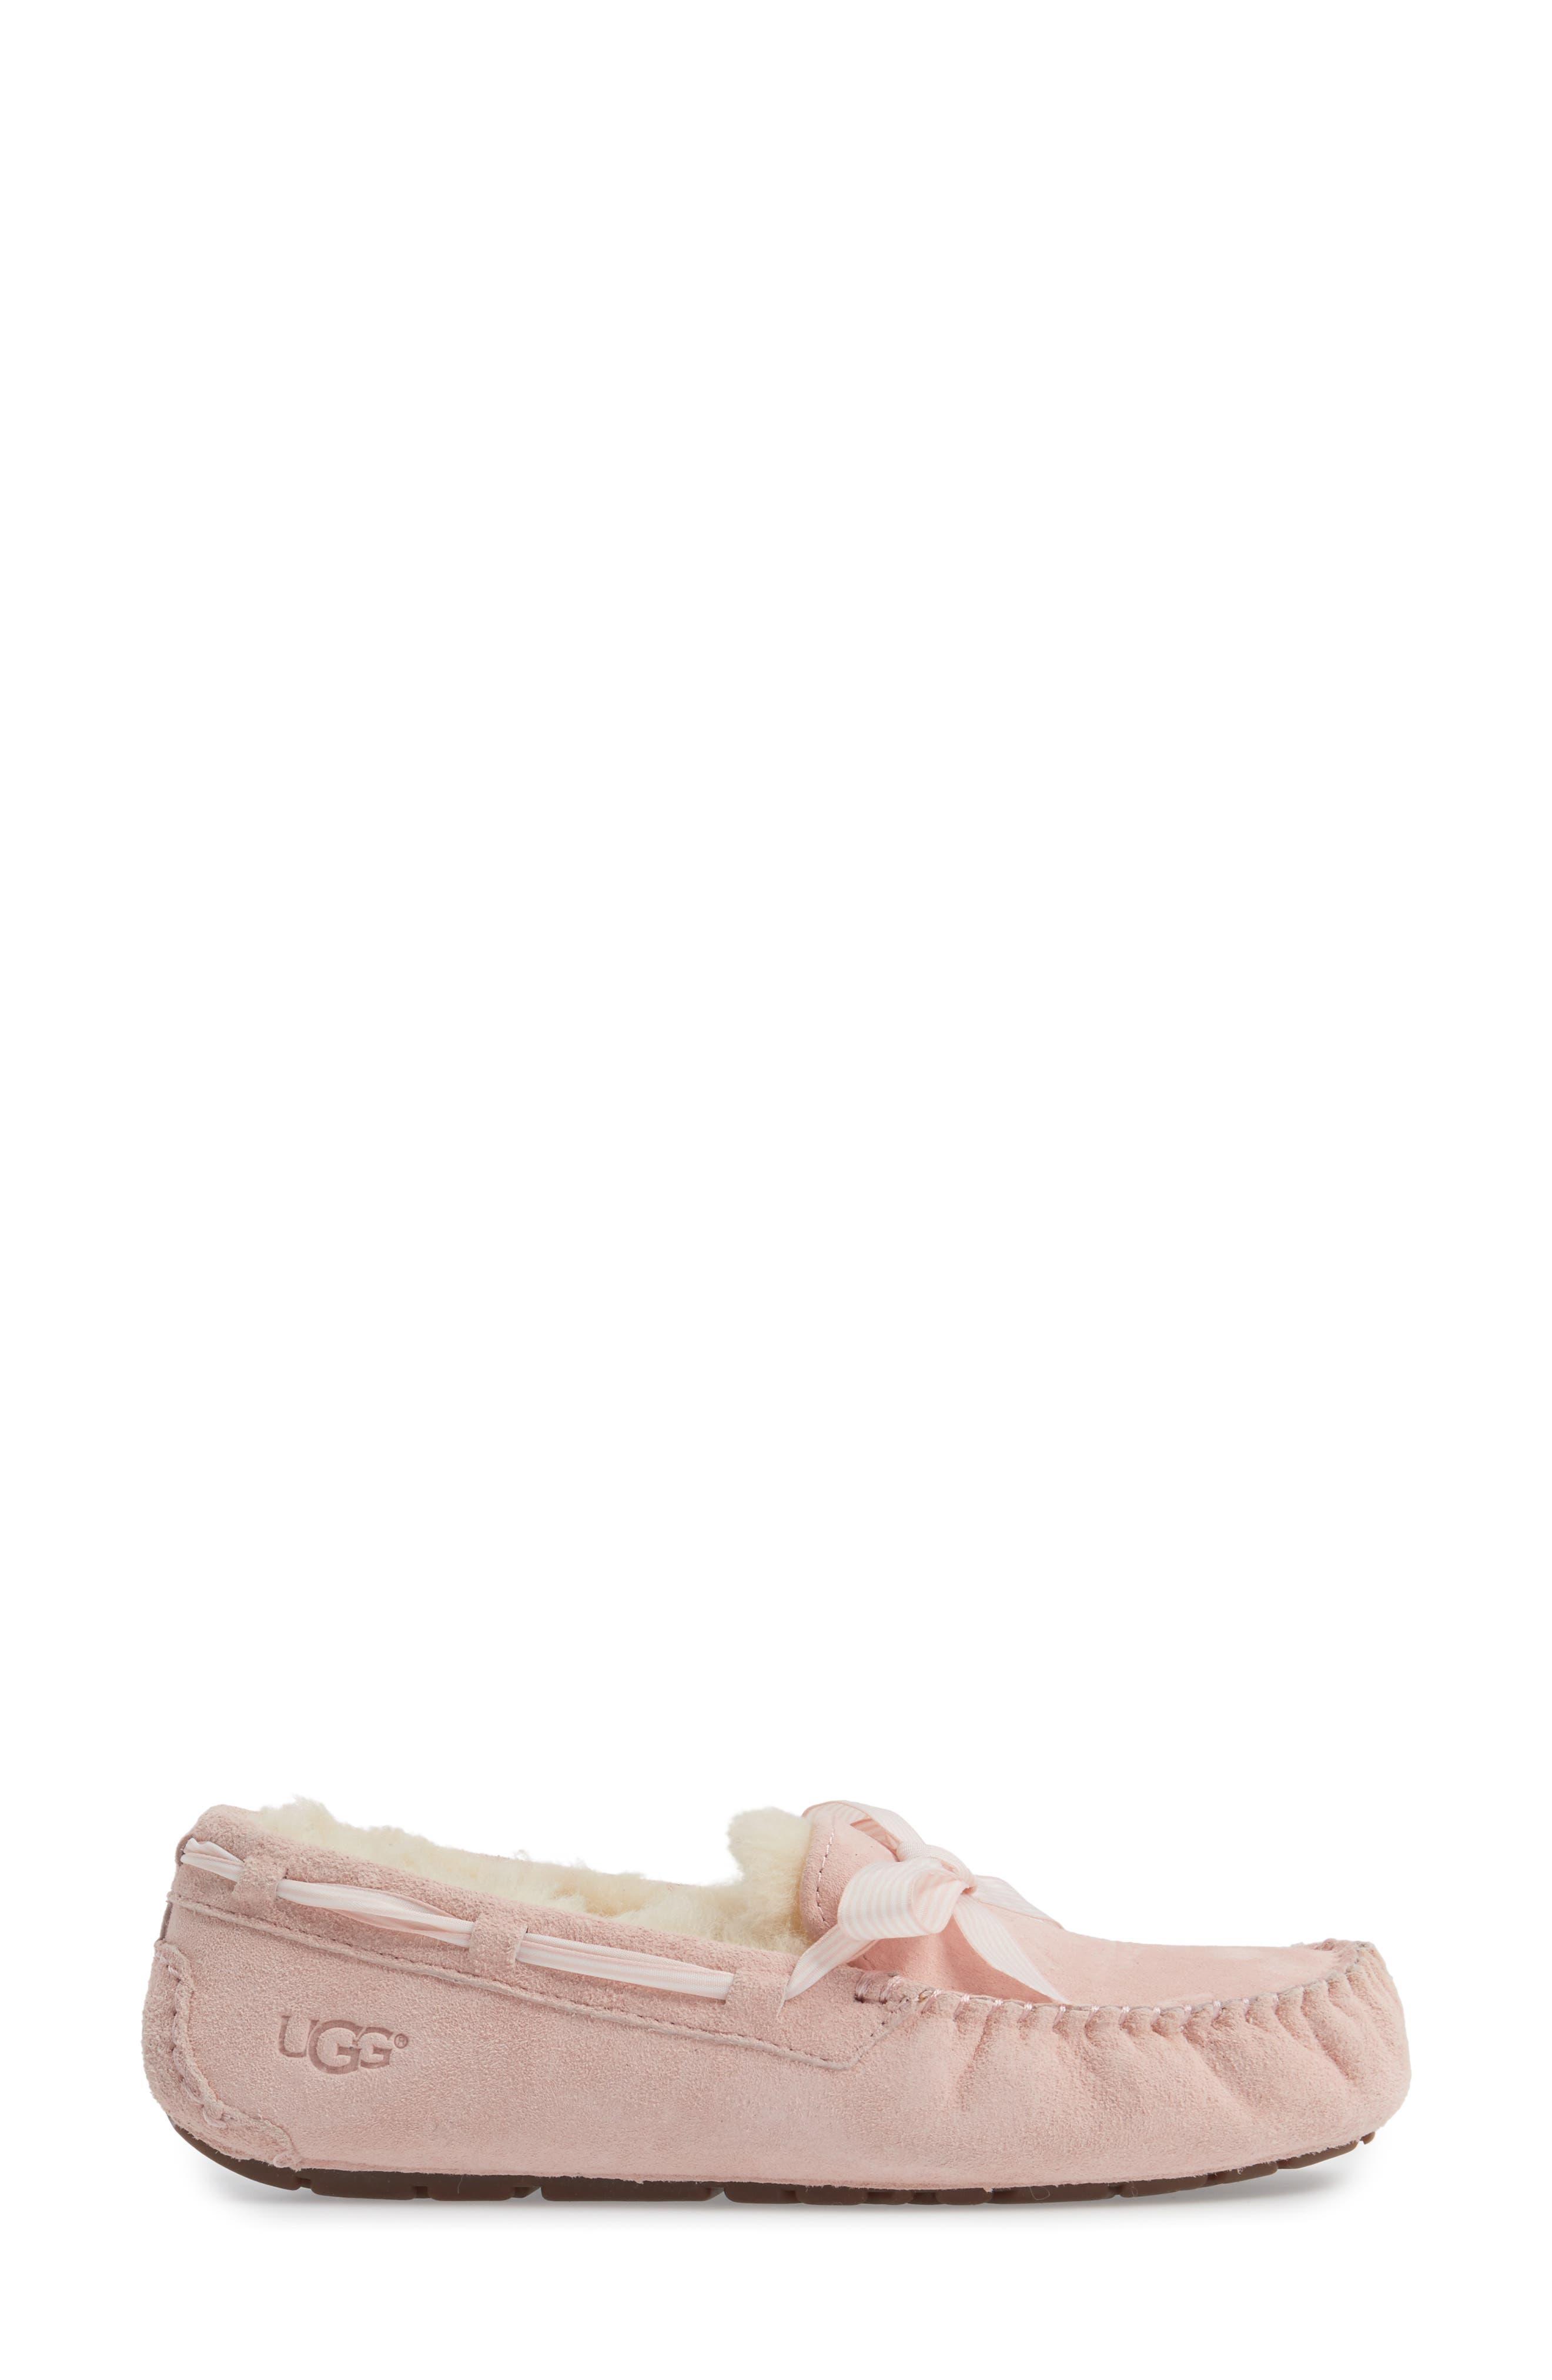 Alternate Image 3  - UGG® Dakota Slipper (Women)